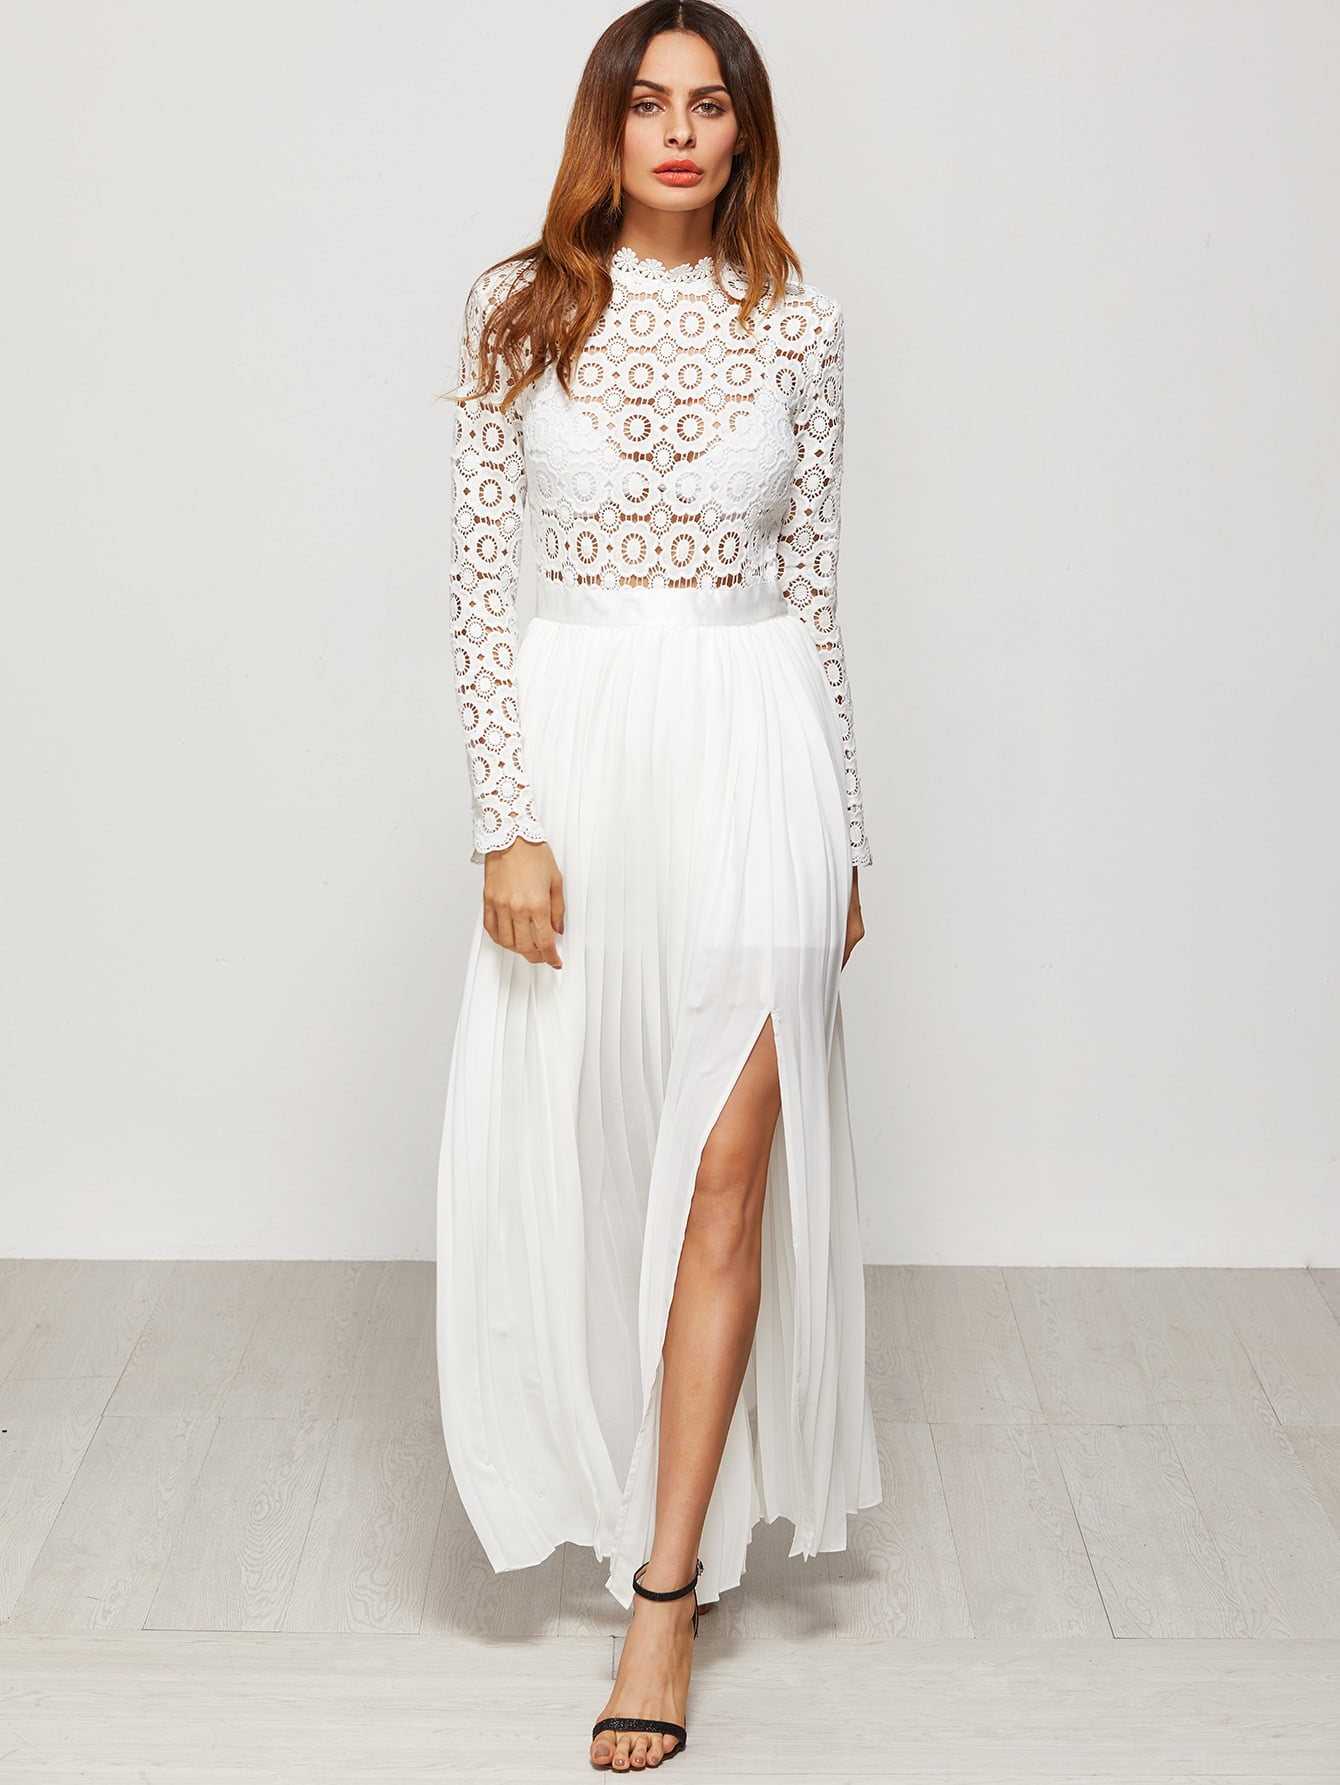 dress161227722_2